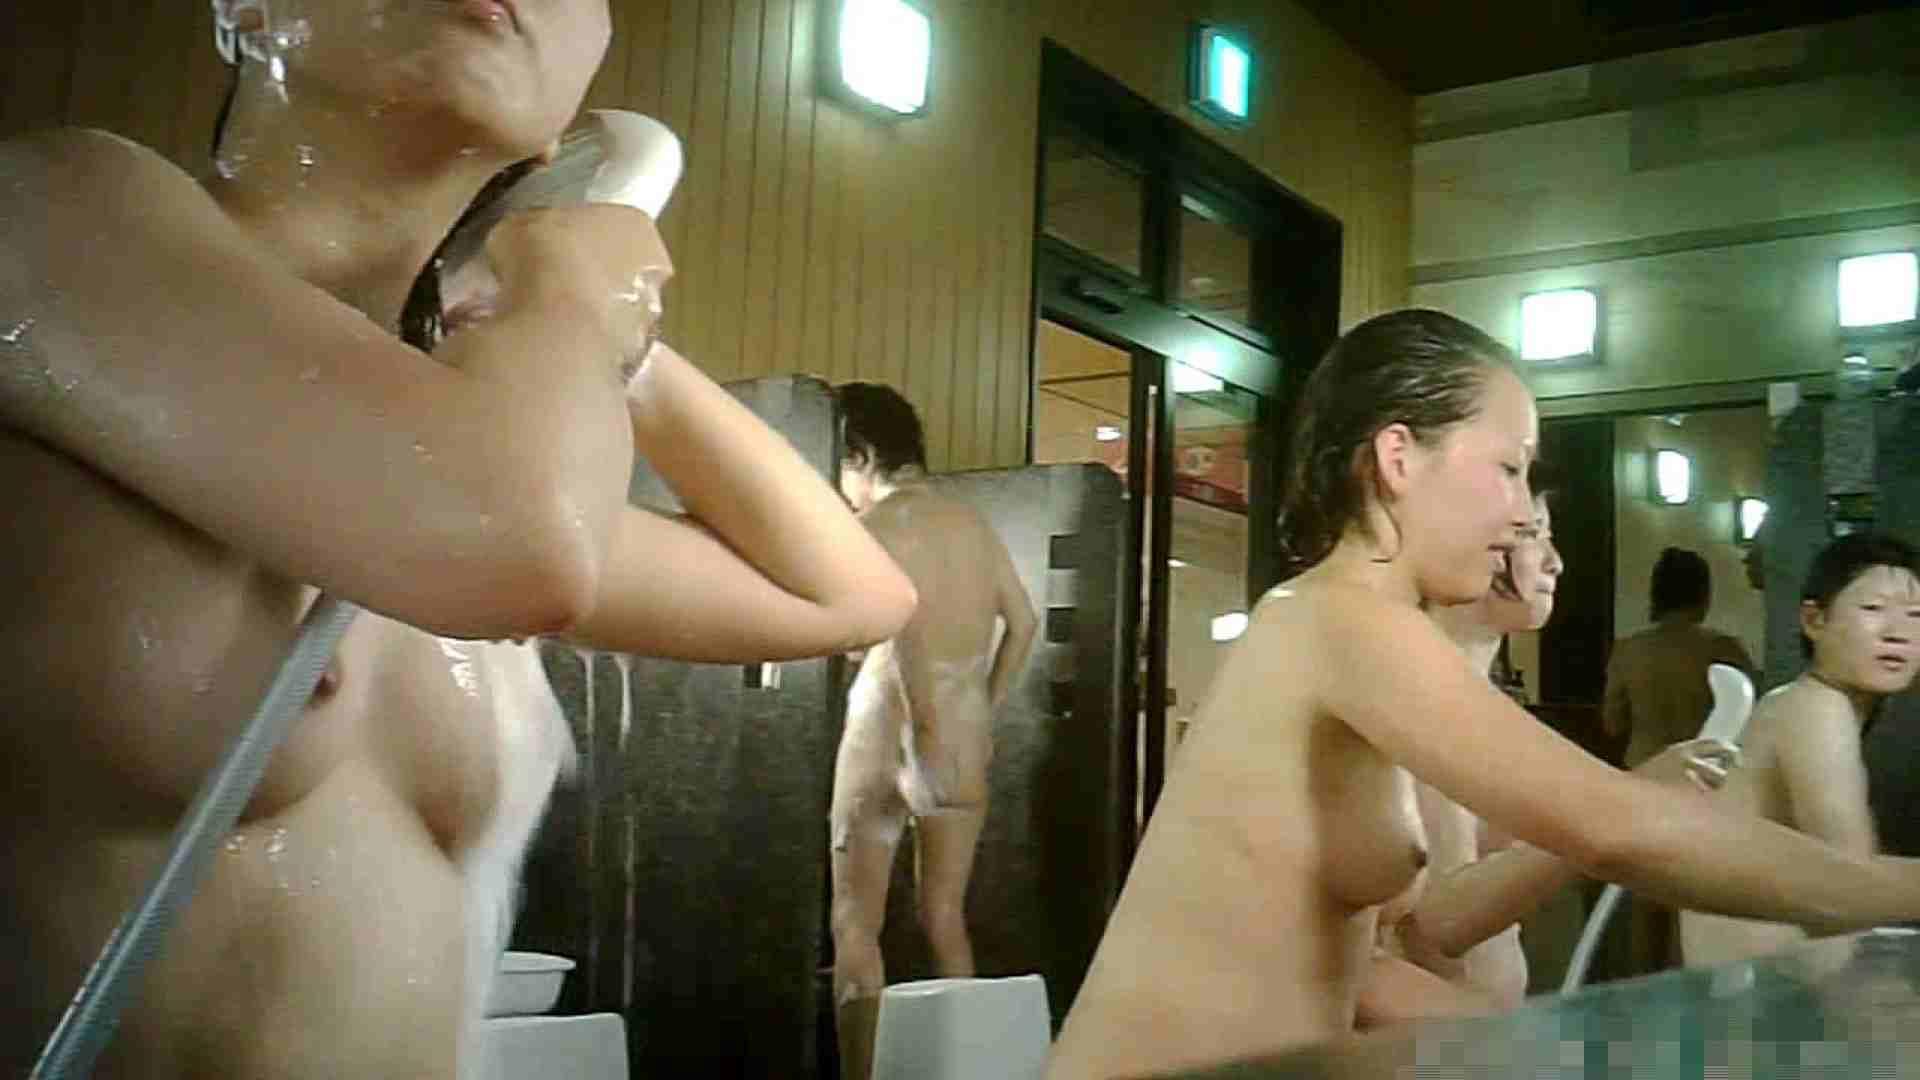 手を染めてしまった女性盗撮師の女風呂潜入記 vol.007 盗撮 SEX無修正画像 75PICs 45